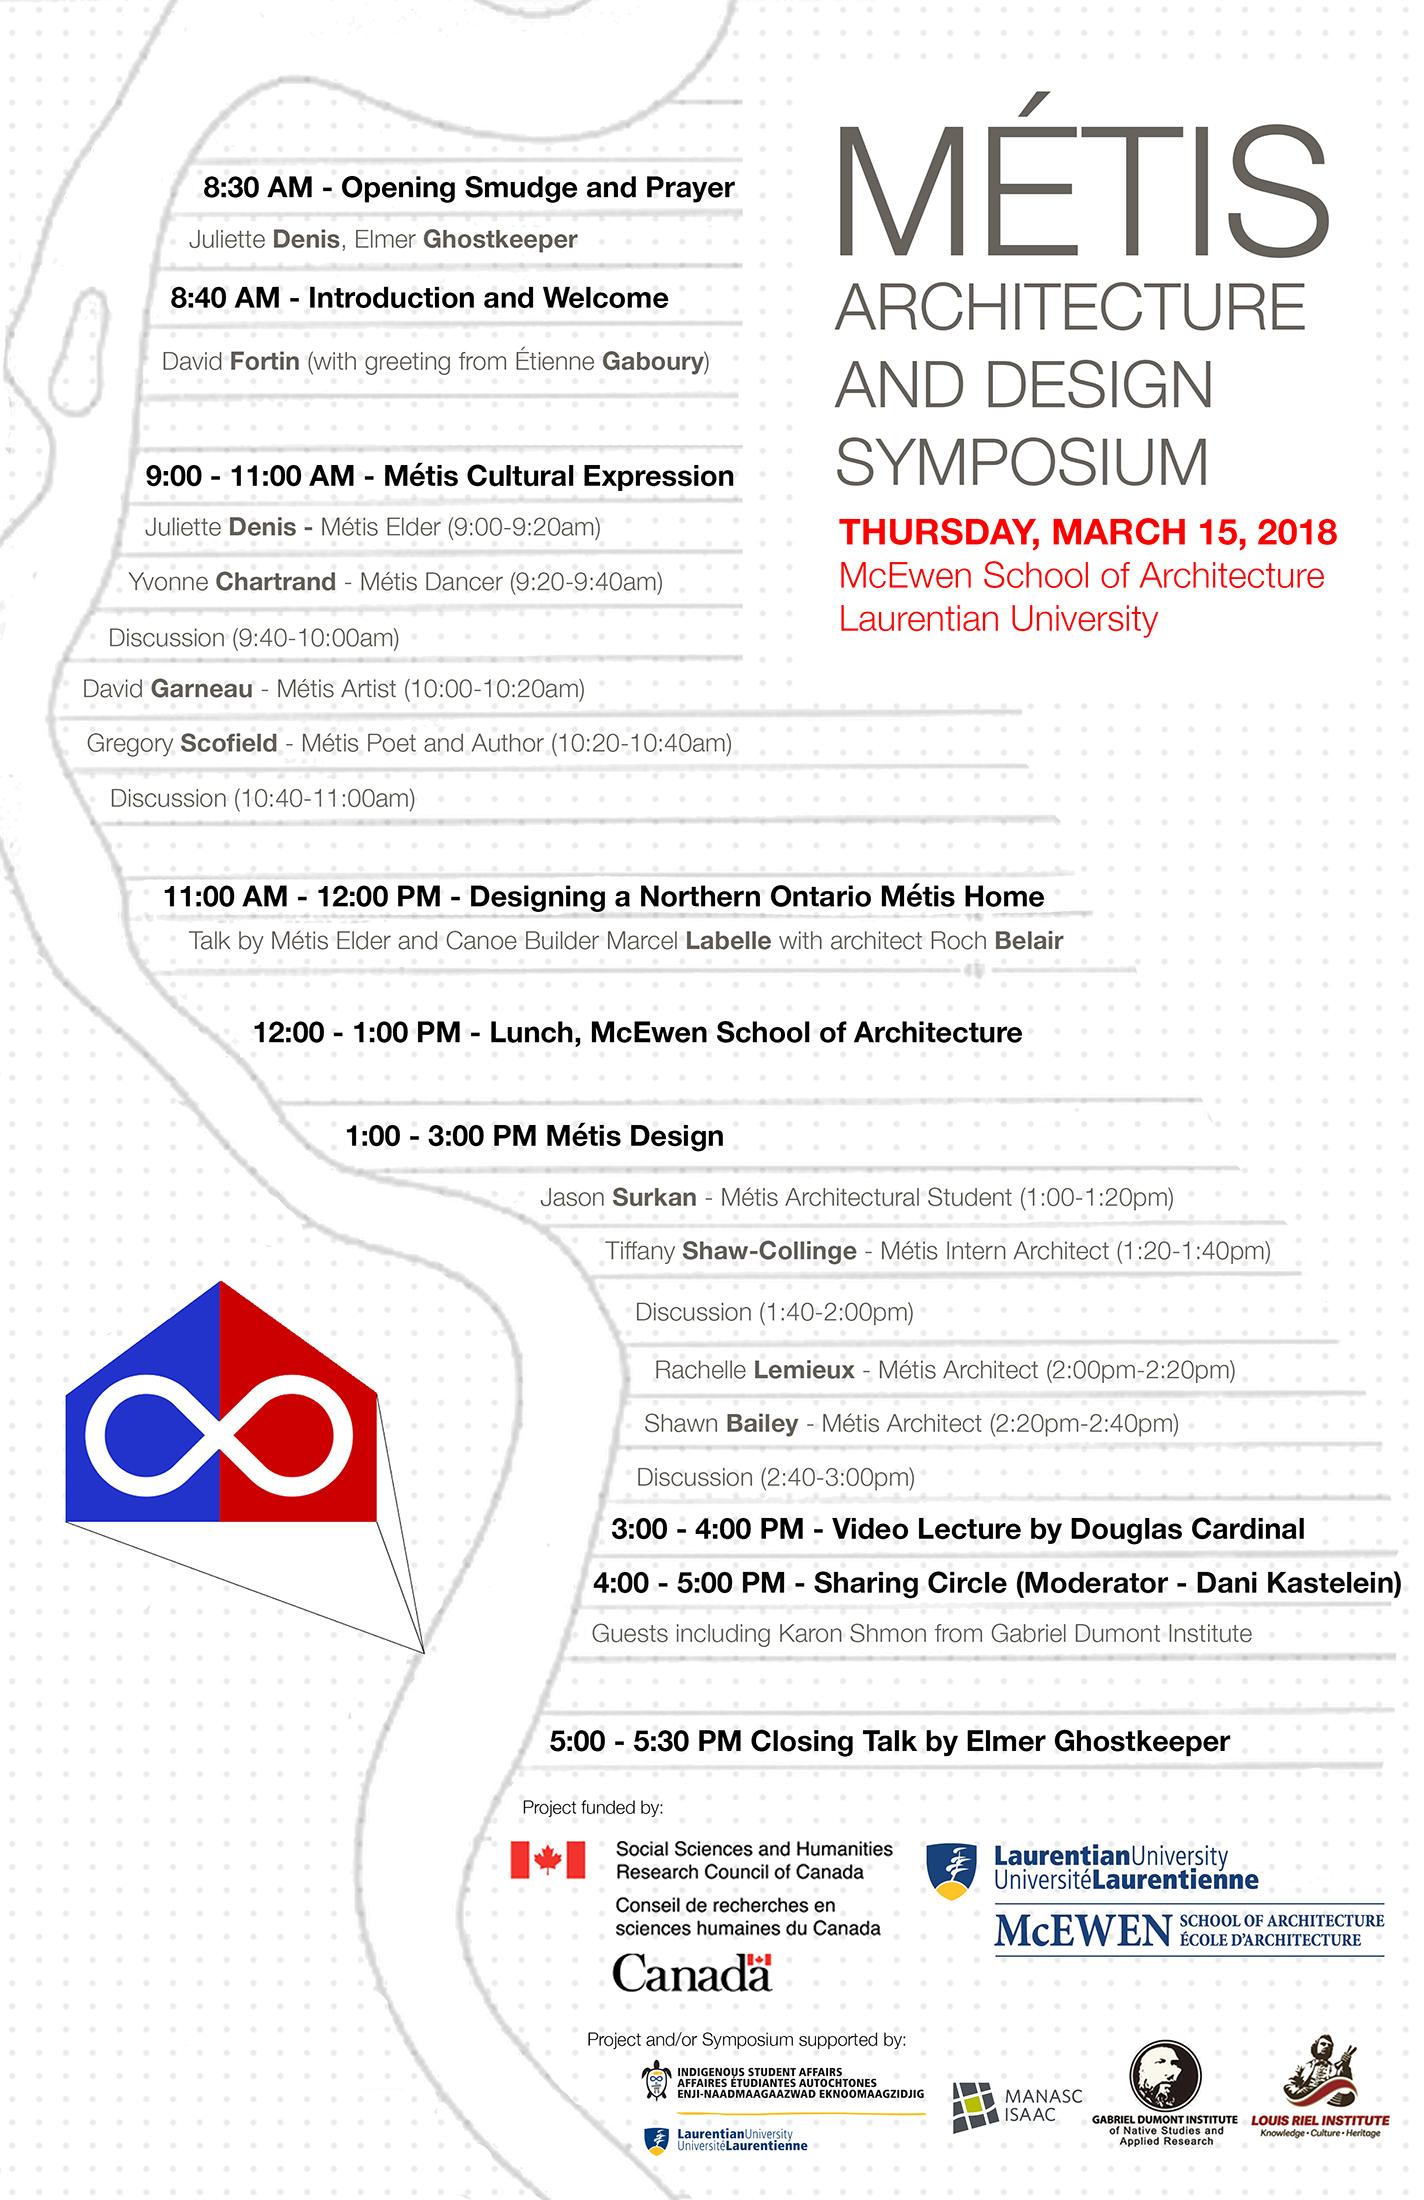 Métis Architecture and Design Symposium, McEwen, Laurentian